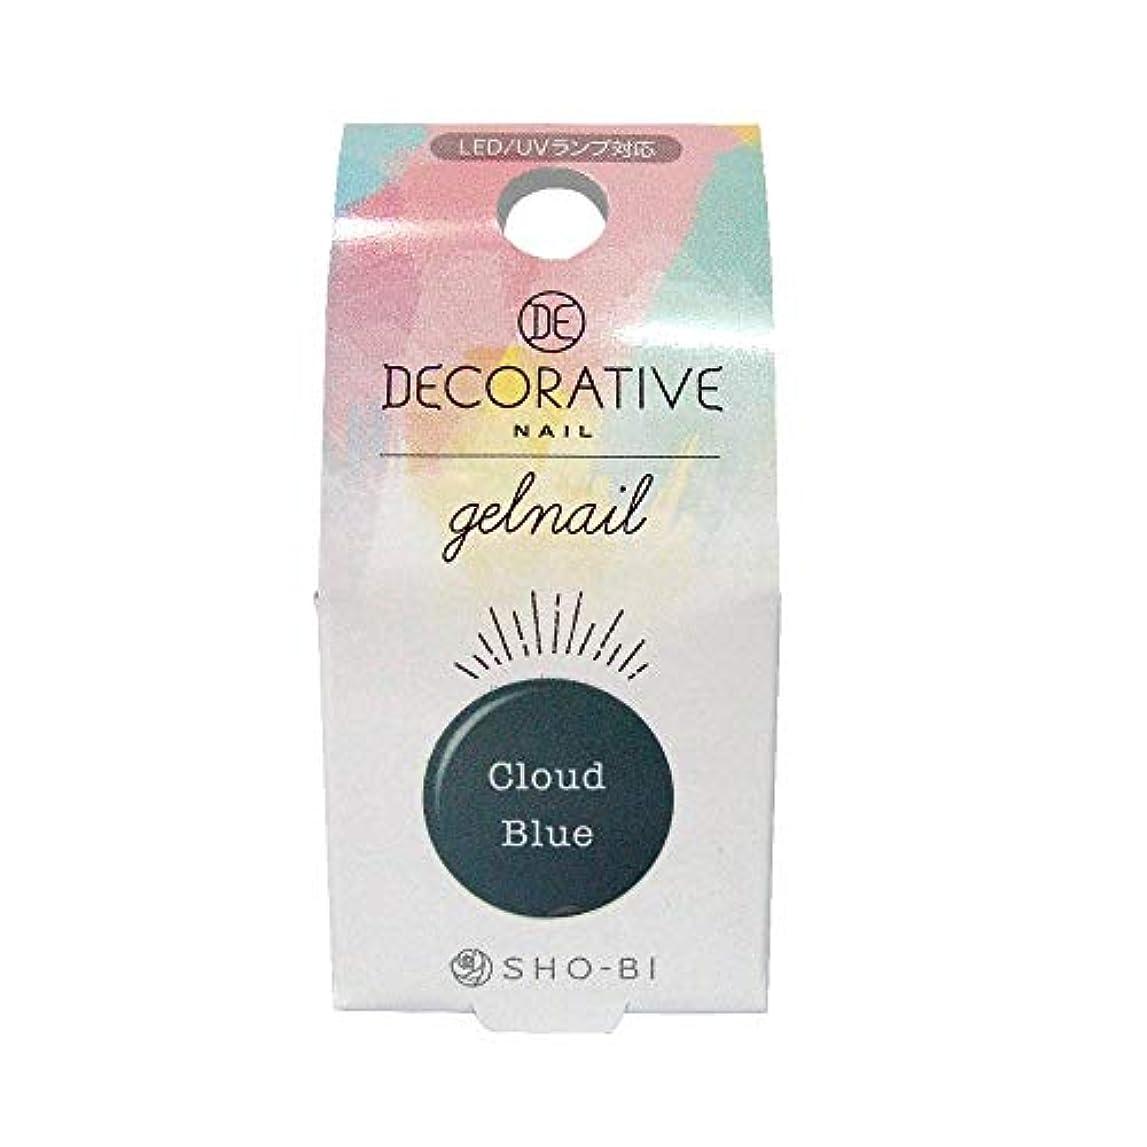 ますます東ティモール衣類DECORATIVE NAIL デコラティブネイル ジェルネイル カラージェル クラウドブルー TN81184